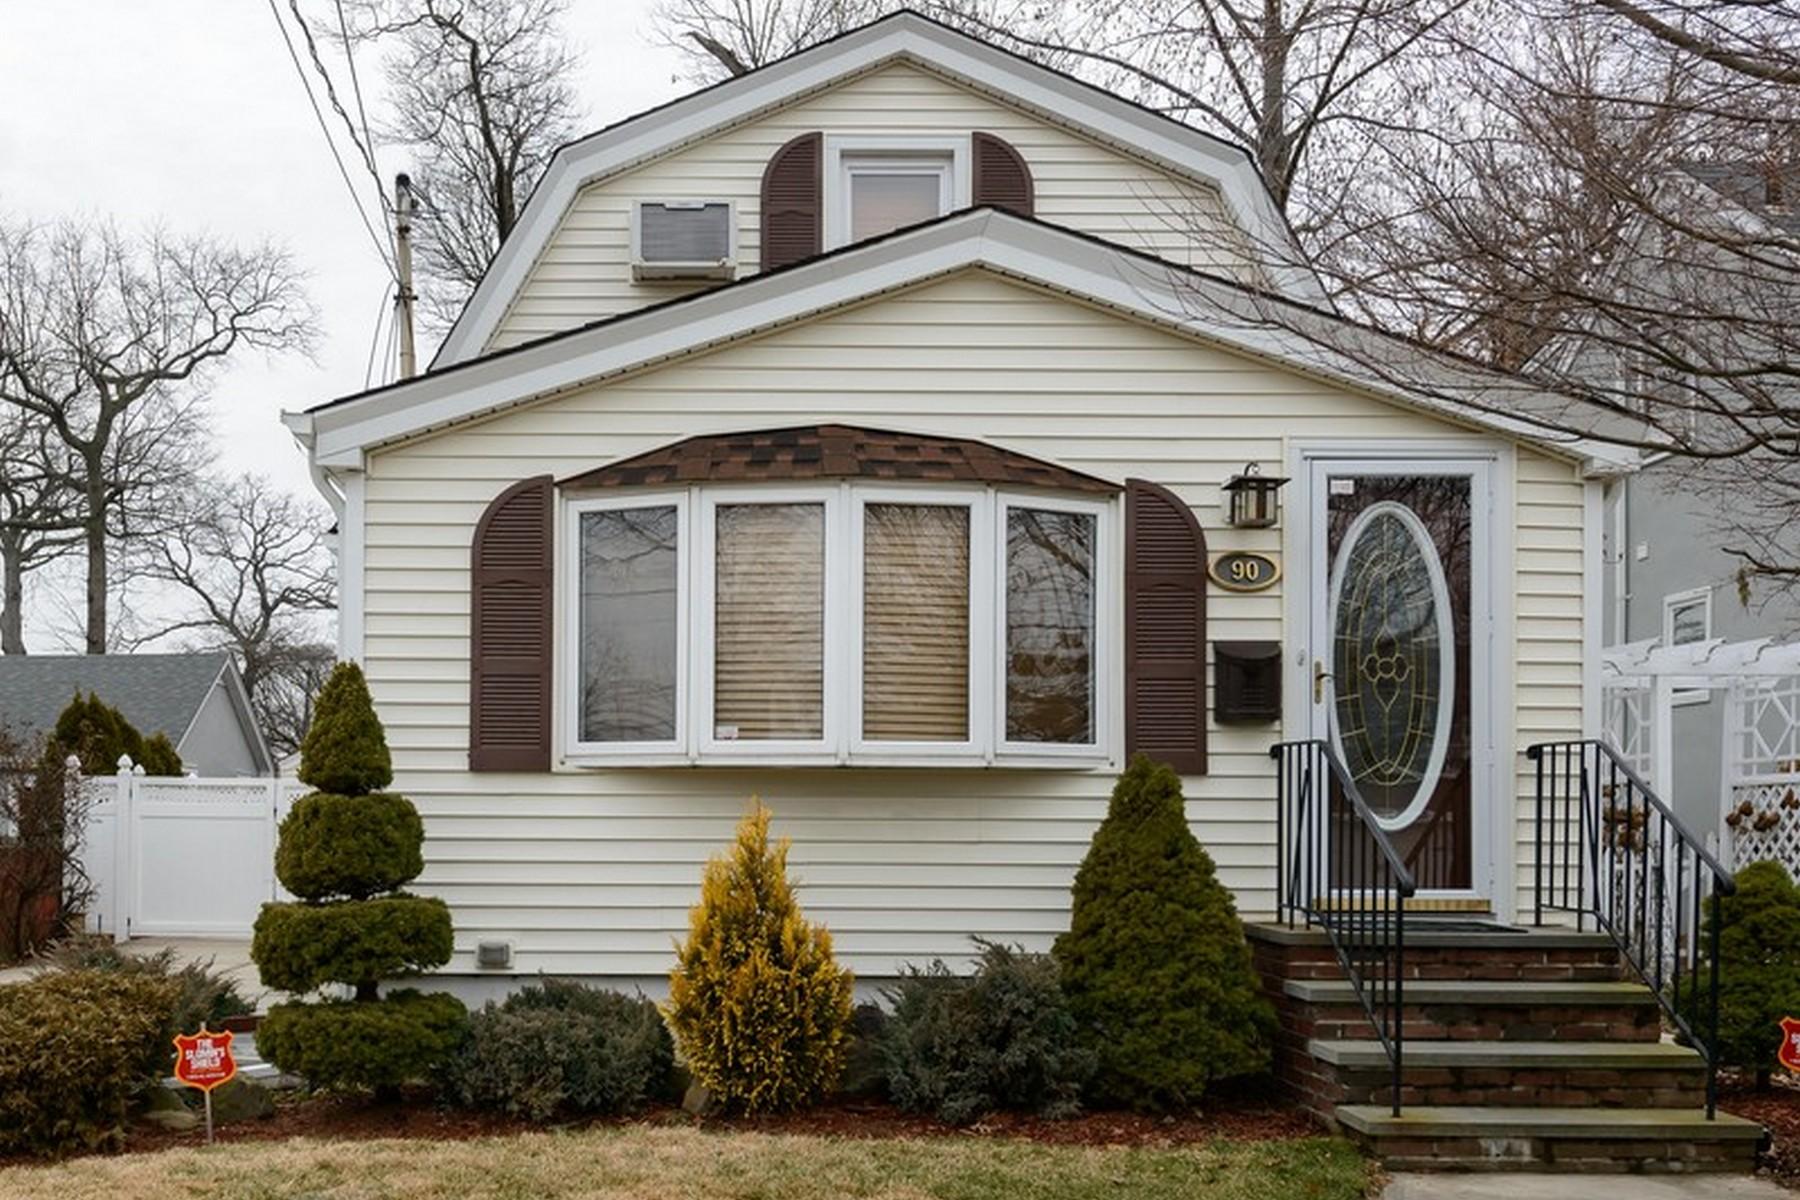 独户住宅 为 销售 在 Cape 90 Foster Ave 瓦利斯特里姆, 纽约州, 11580 美国